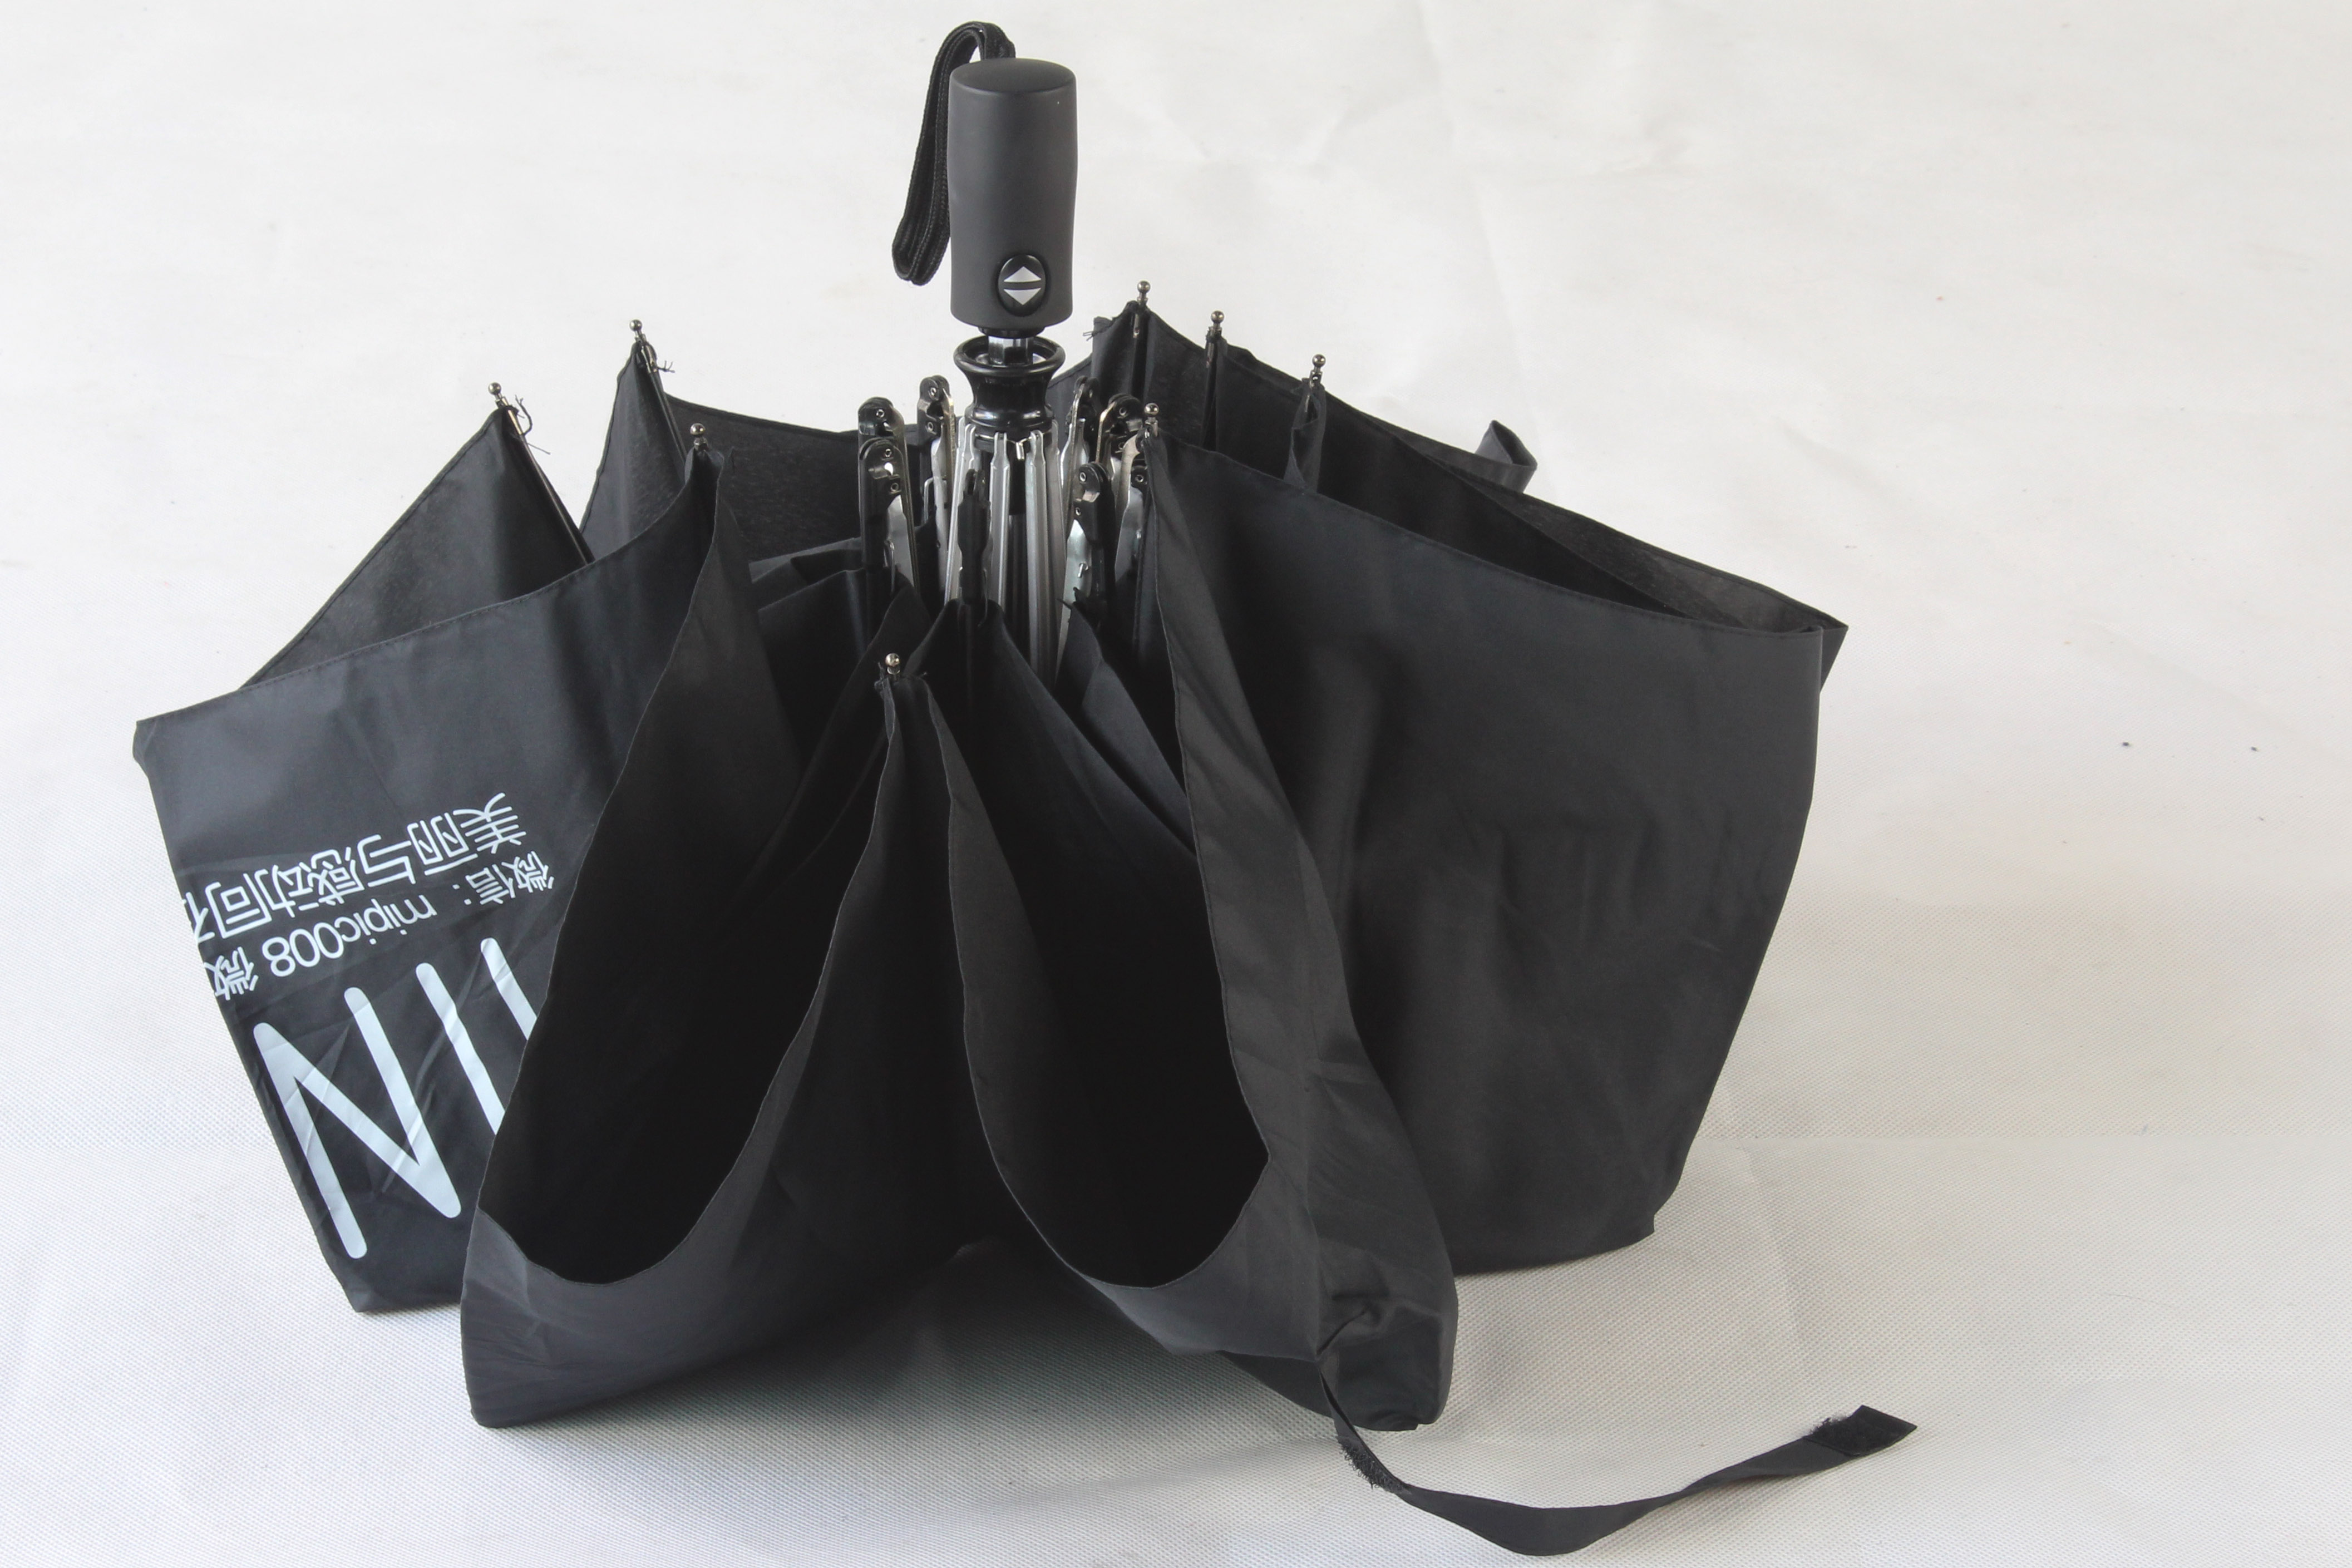 厂家生产三折自动开收伞 超大商务伞定制 可定制企业LOGO